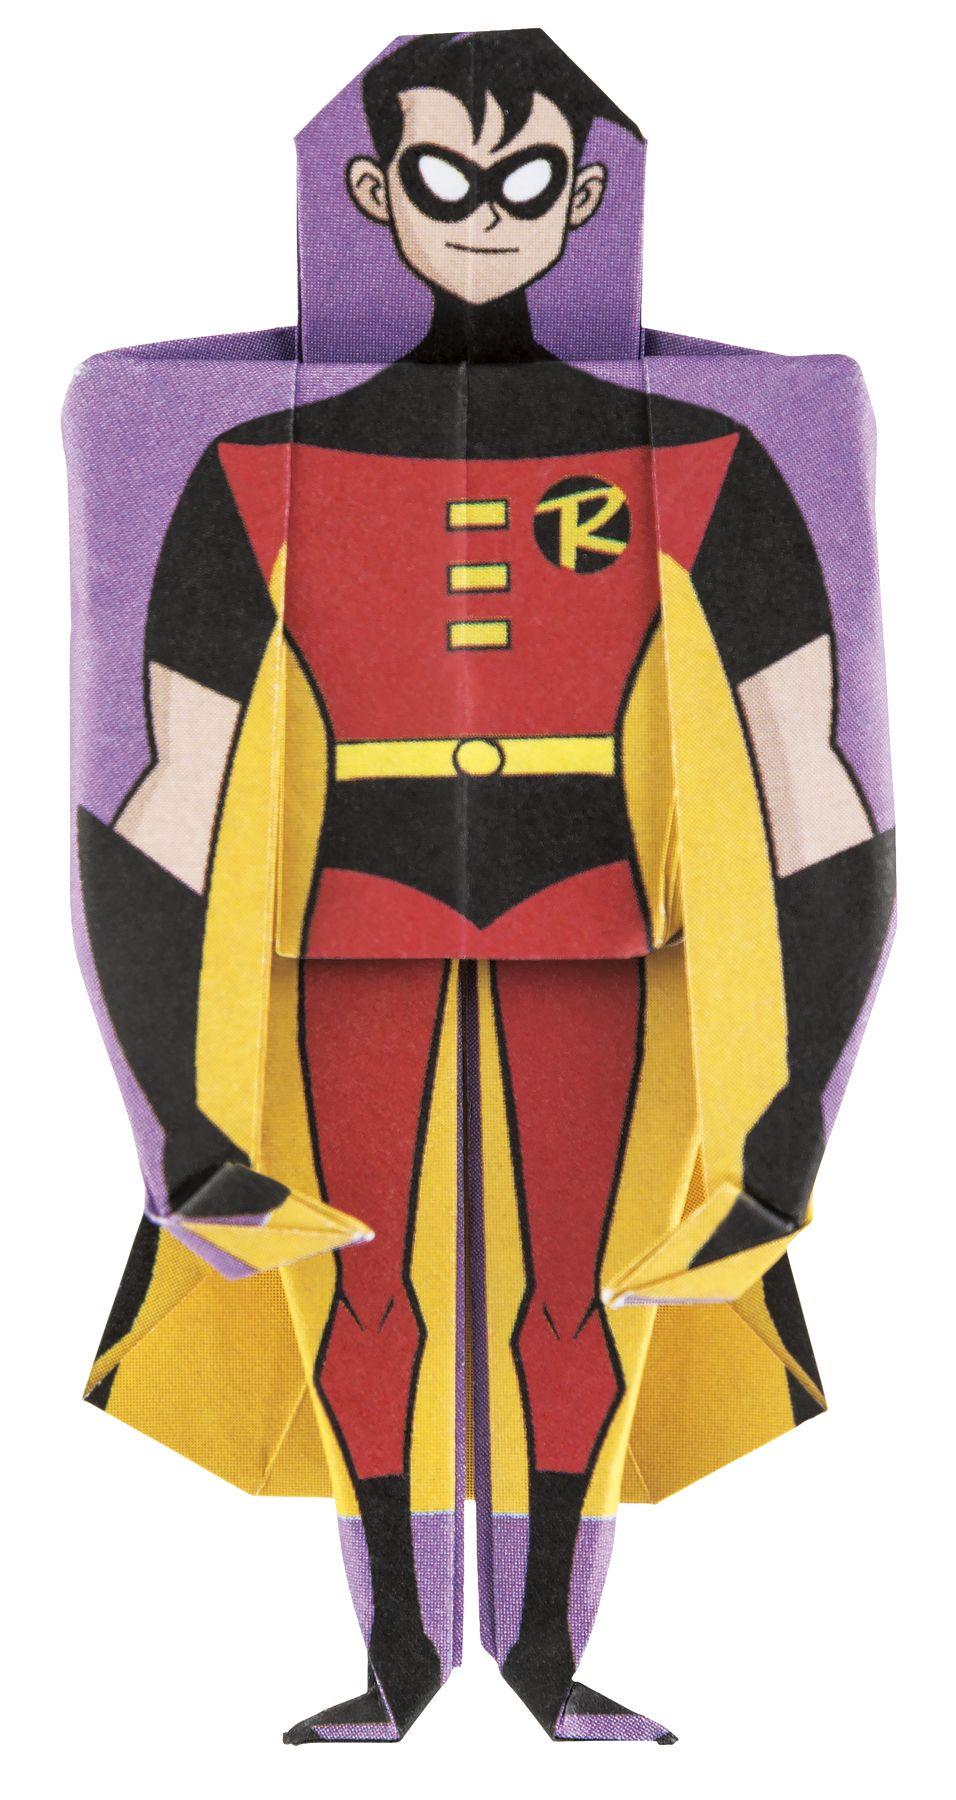 Batman S Favorite Sidekick Robin Looking Good In Paper Superhero Dc Superheroes Hero